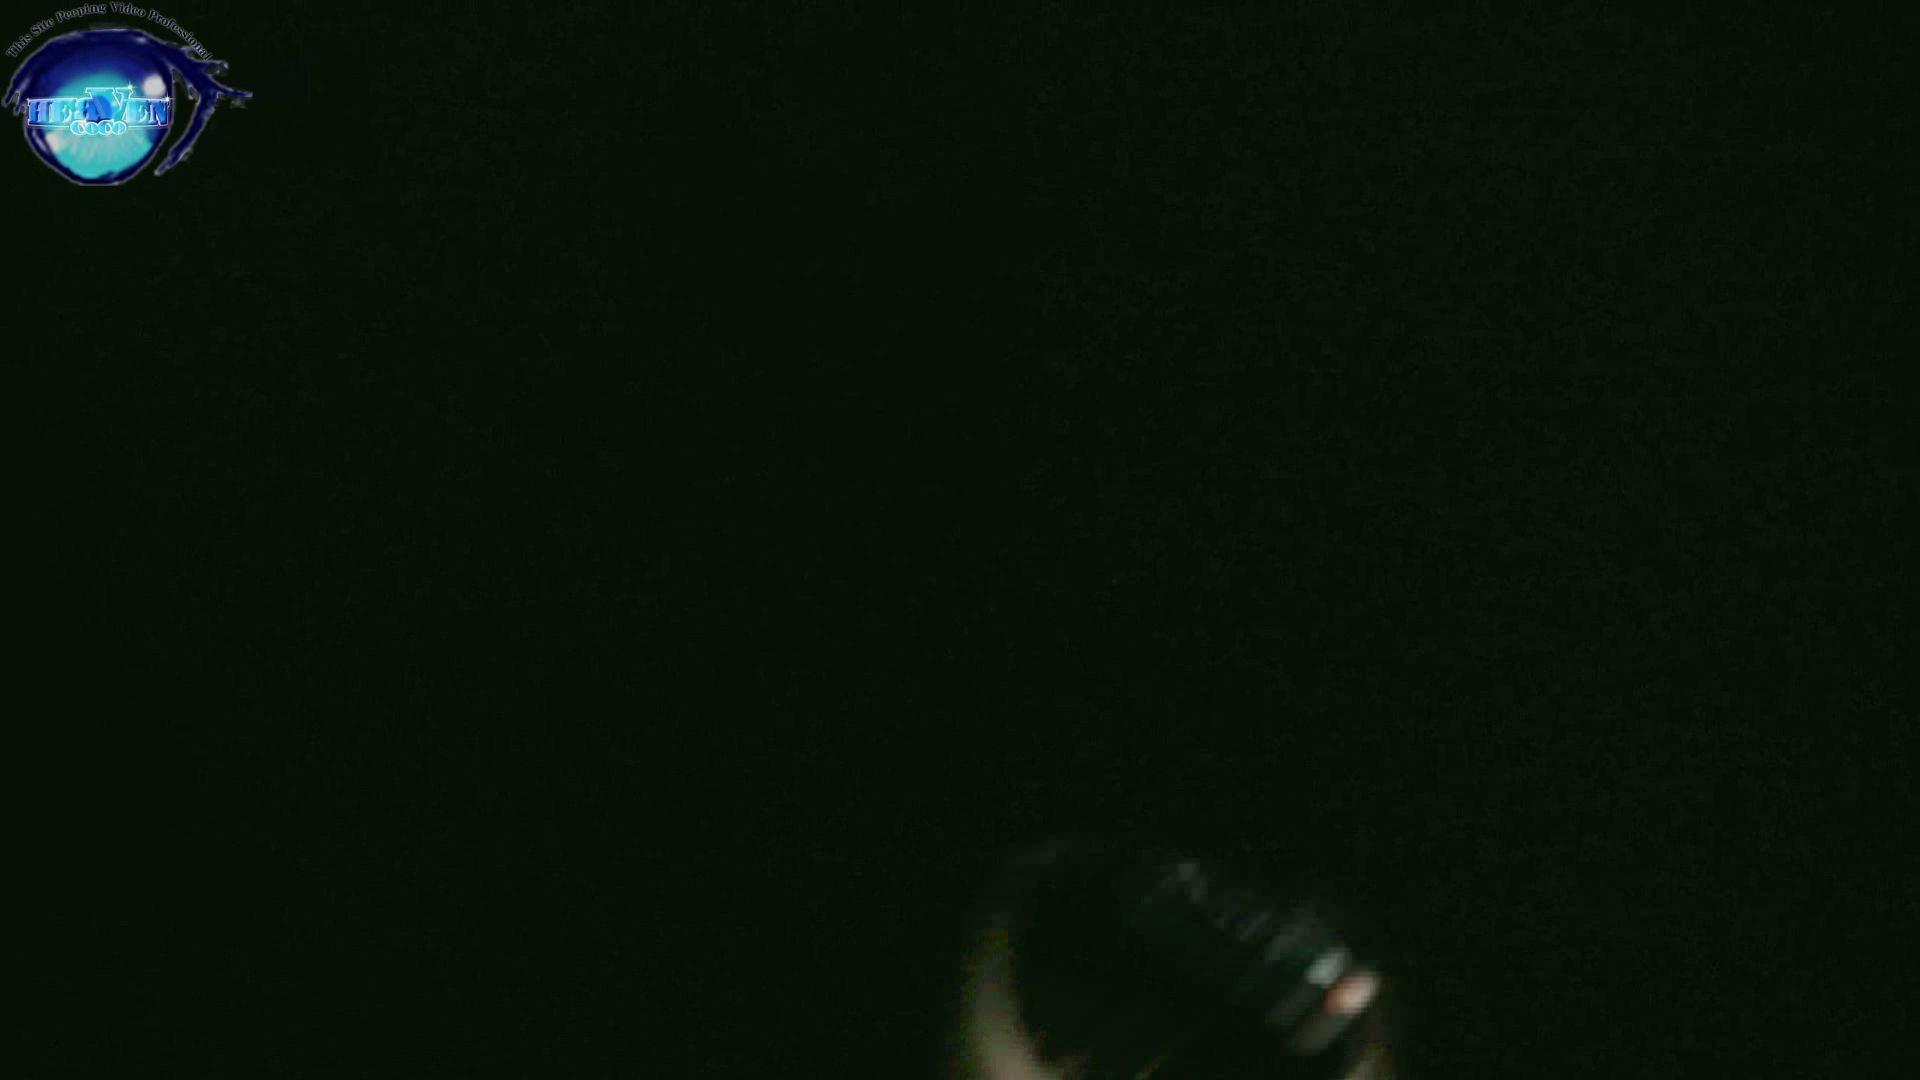 世界の射窓から vol.29 後編 洗面所 | OLのエロ生活  90連発 73